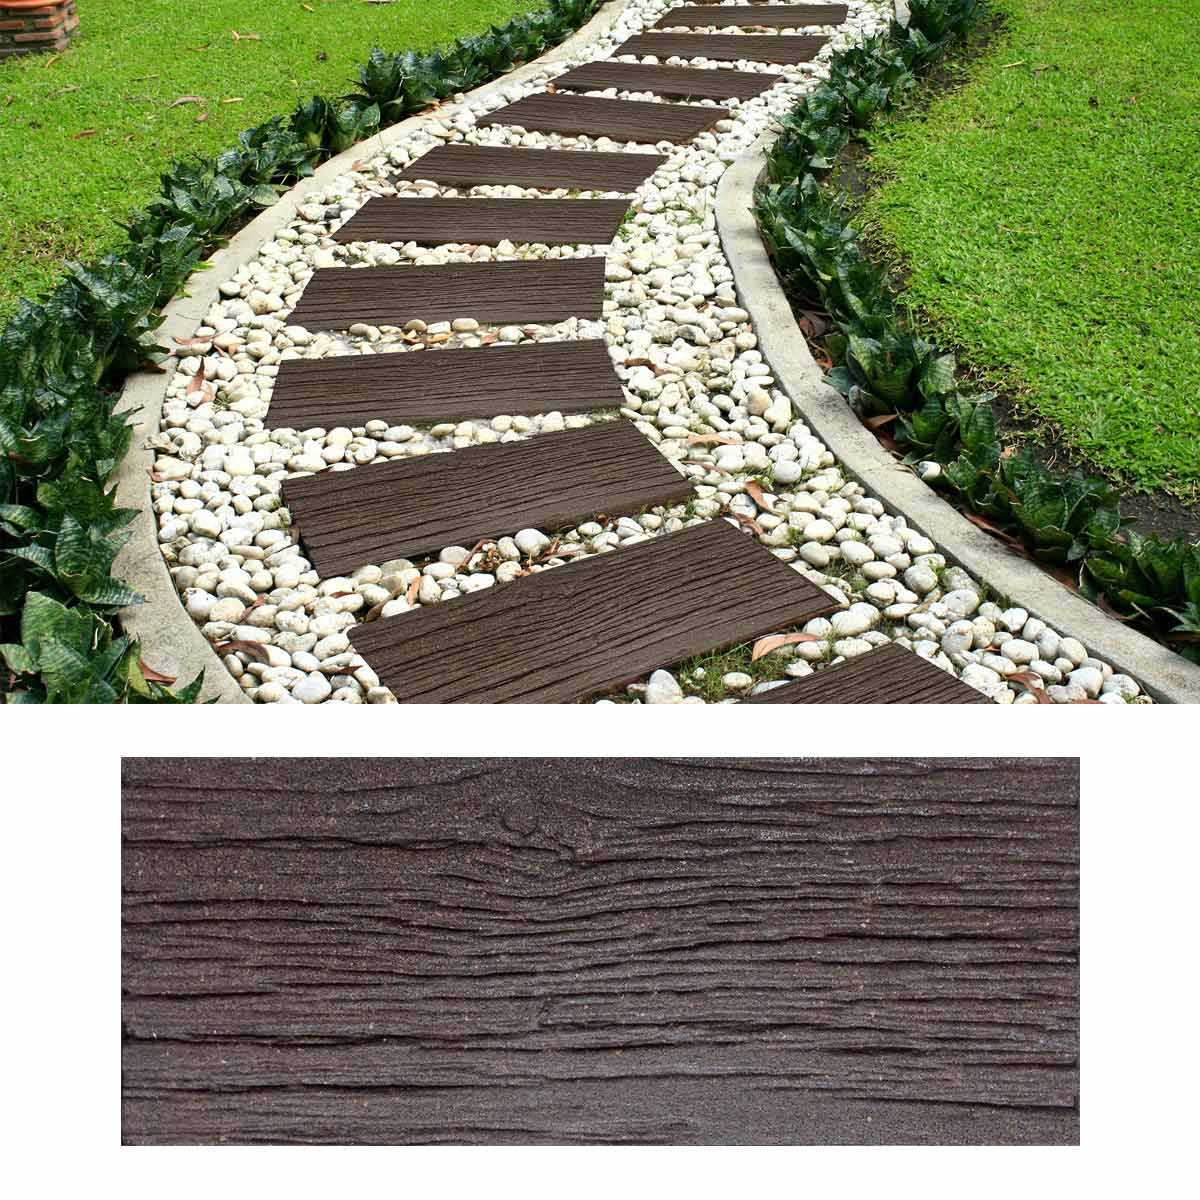 Dalle Extérieure Imitation Bois - Caoutchouc Recyclé 25X60Cm avec Dalle Plastique Jardin